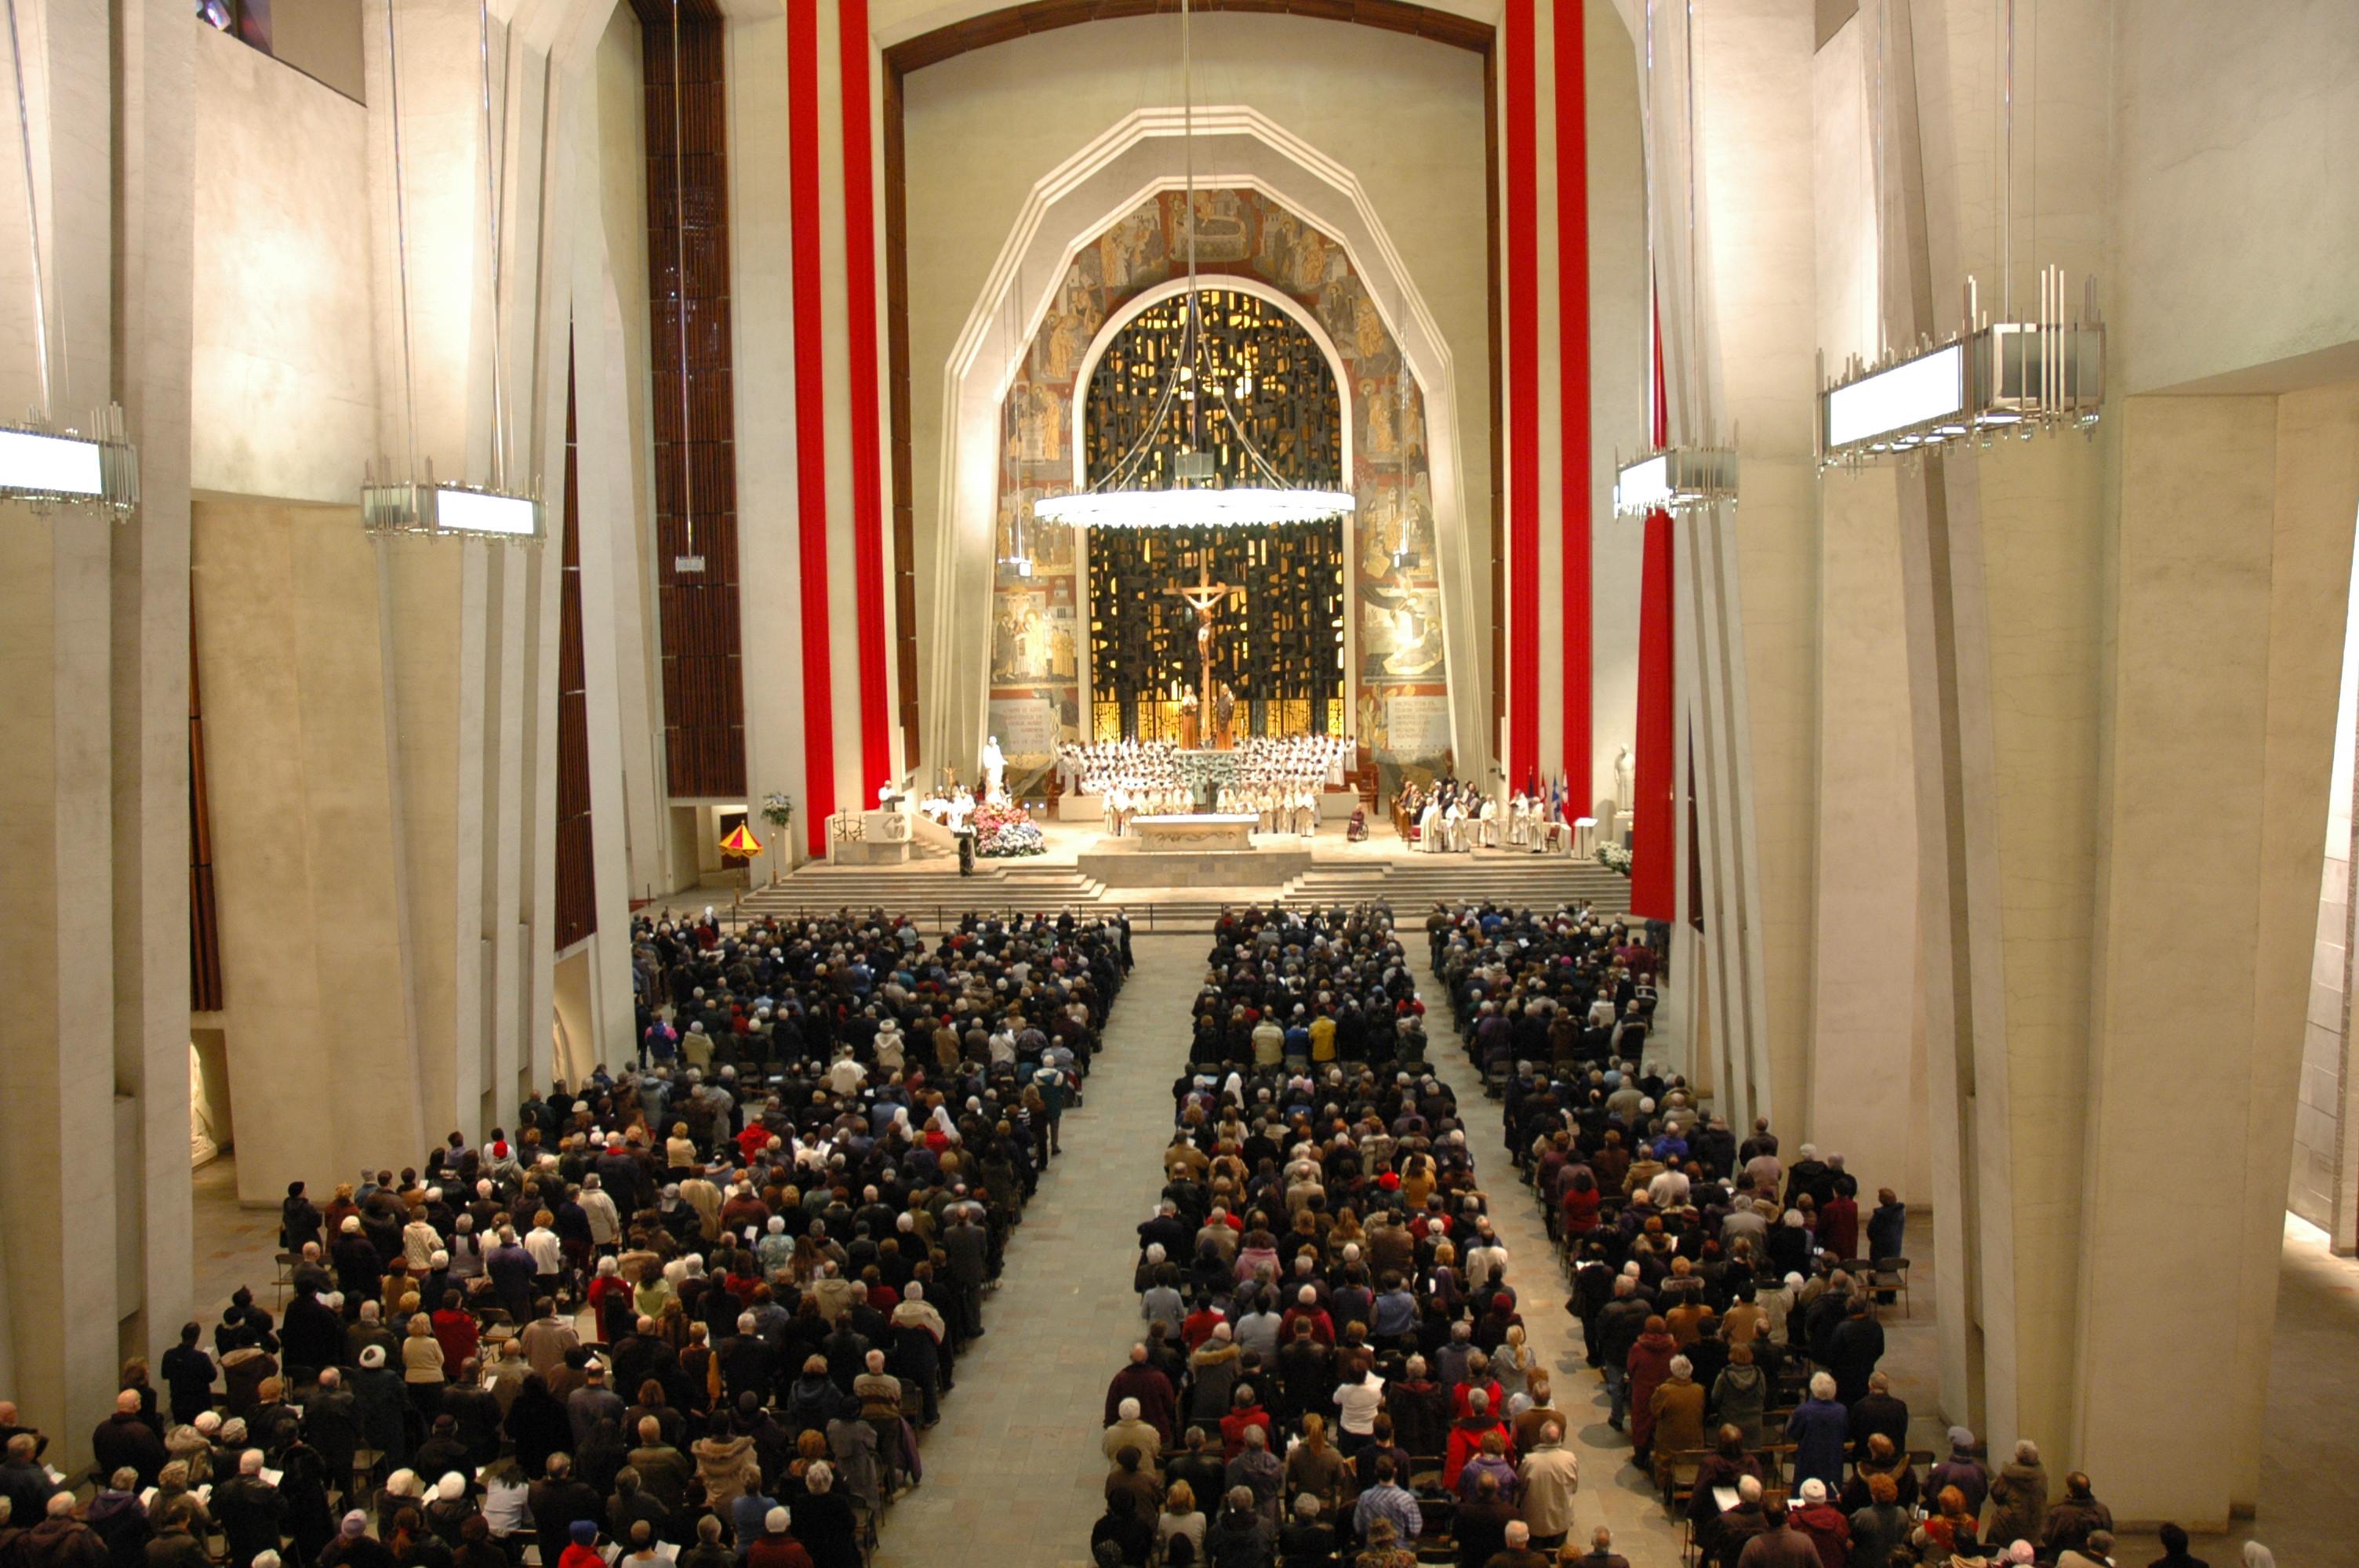 osj-lieudaccueil-votre-evenement-basilique